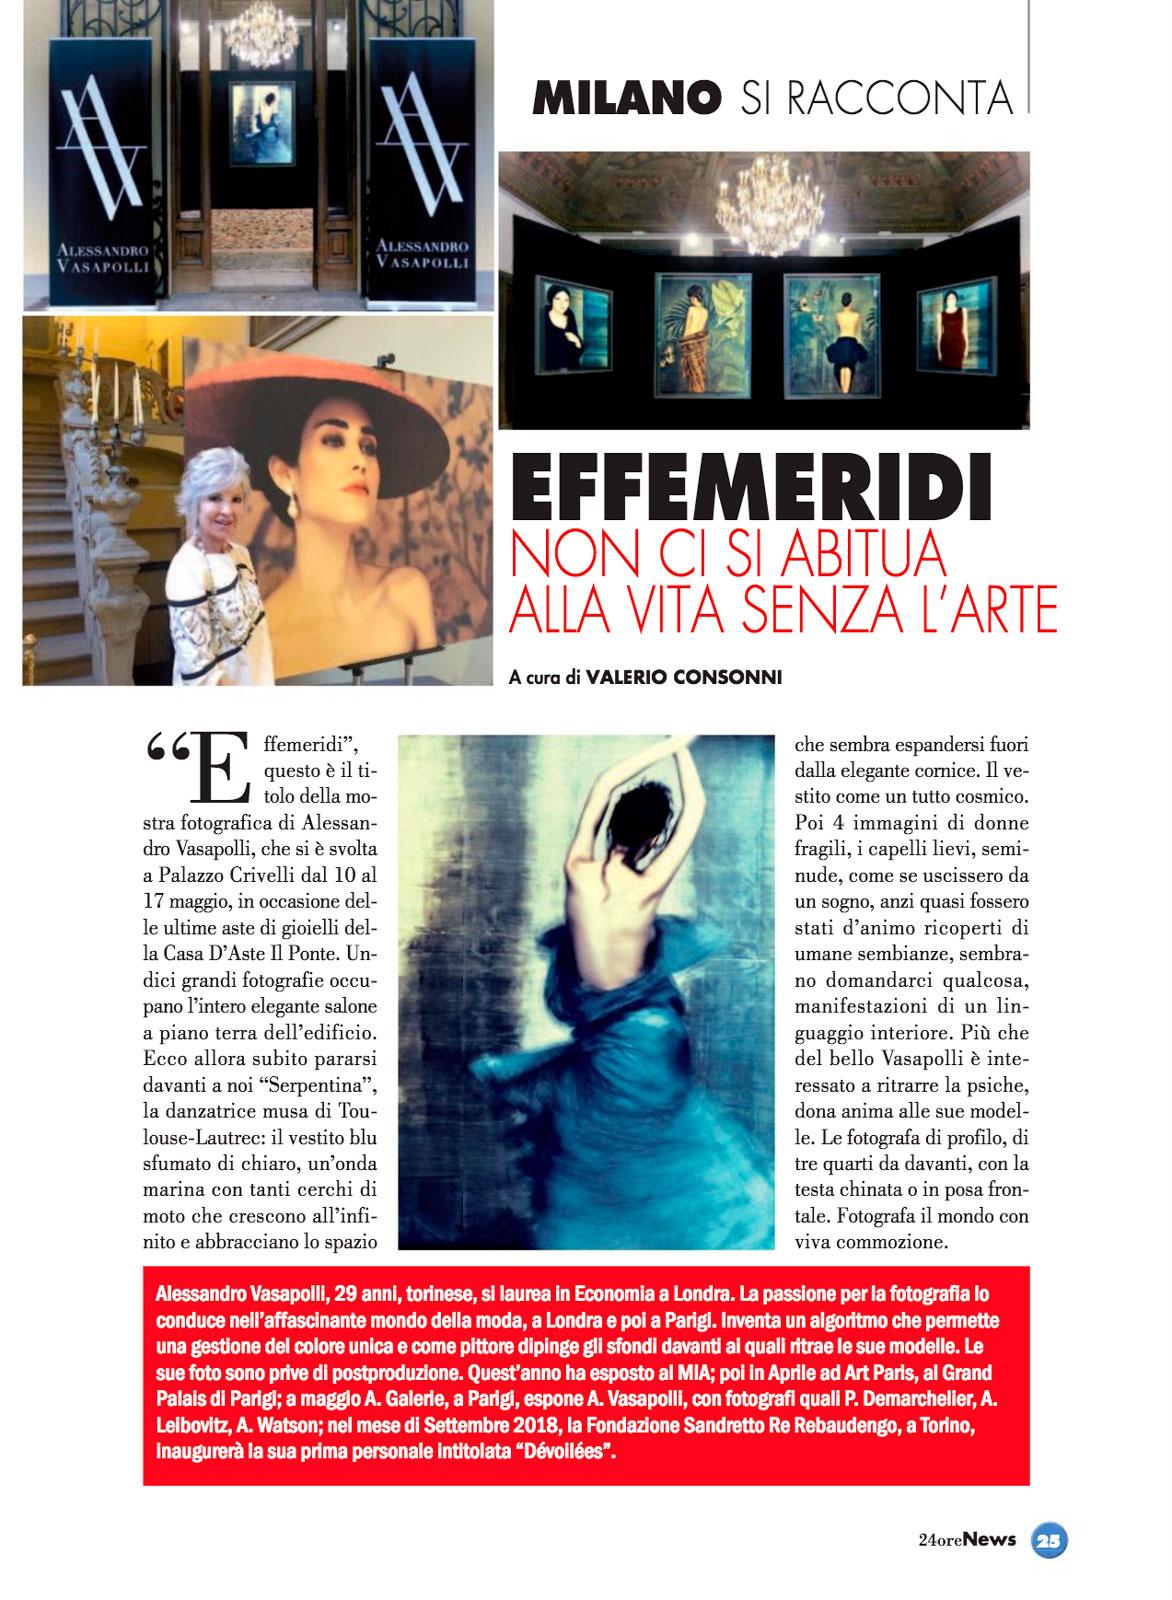 Articolo_Alessandro_Vasapolli_24OreNews